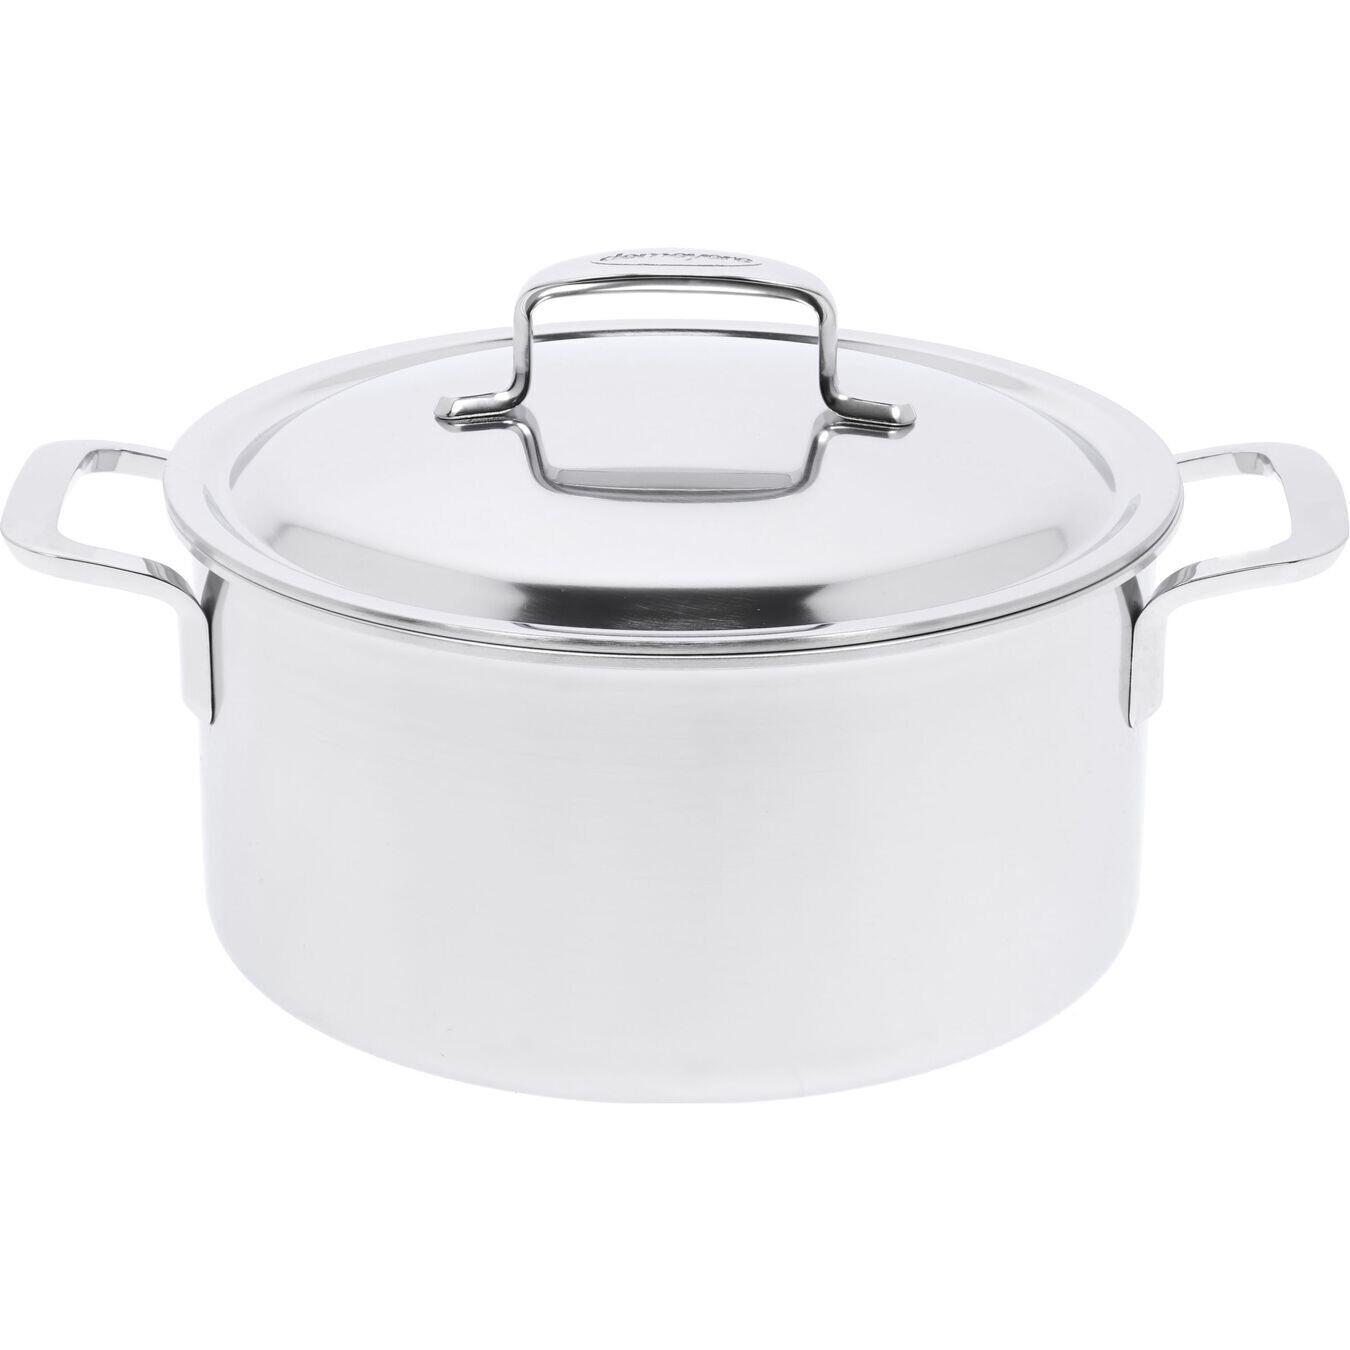 DEMEYERE 'intense 5' kookpot met dubbelwandig deksel 24cm / 5,2L